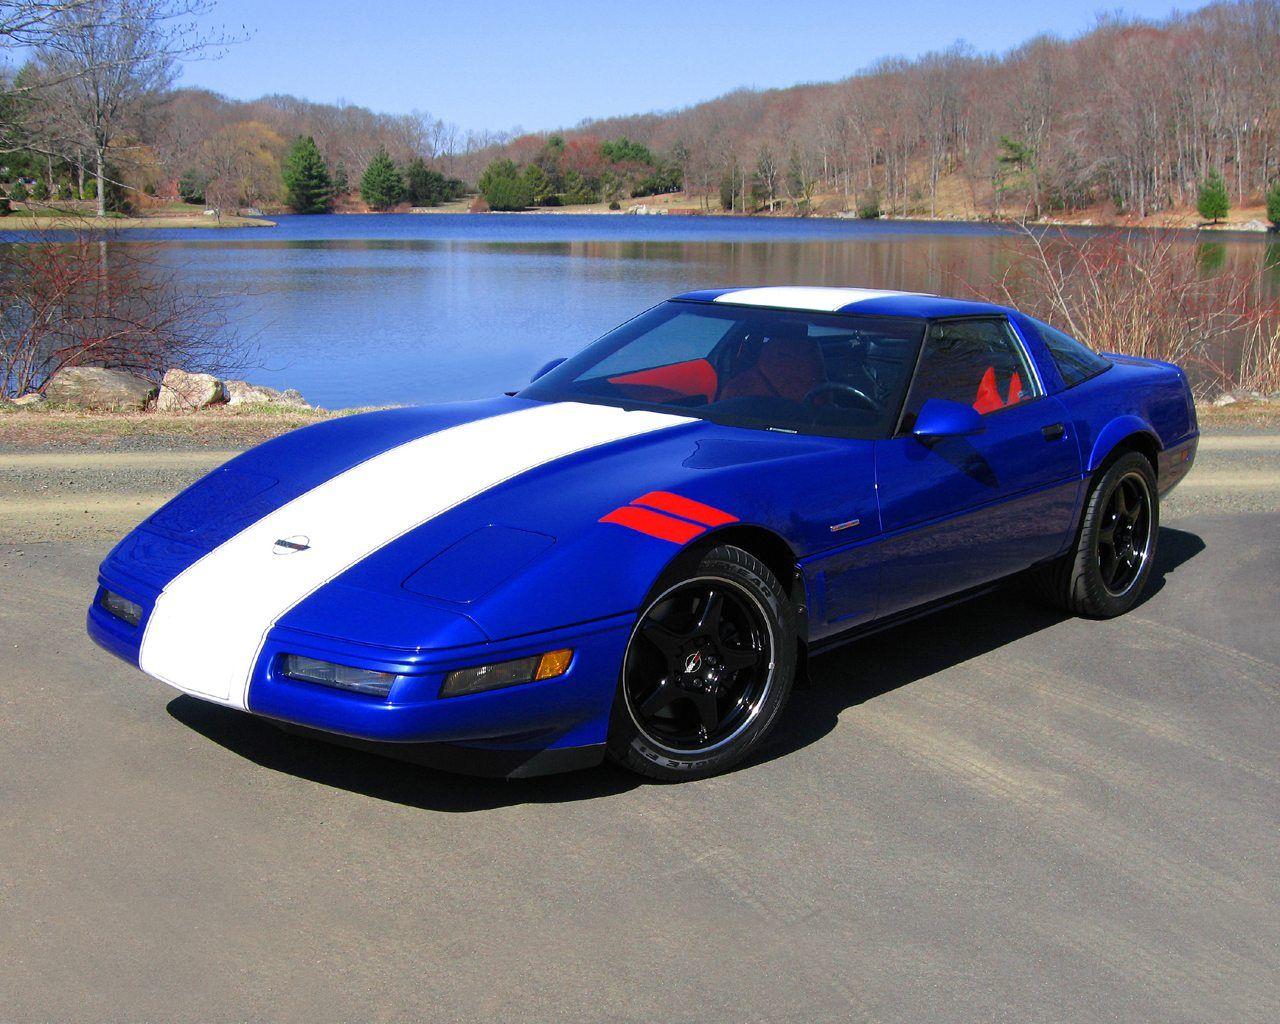 1996 C4 Chevrolet Corvette Specifications Vin Options Corvette Grand Sport Chevrolet Corvette 1996 Corvette